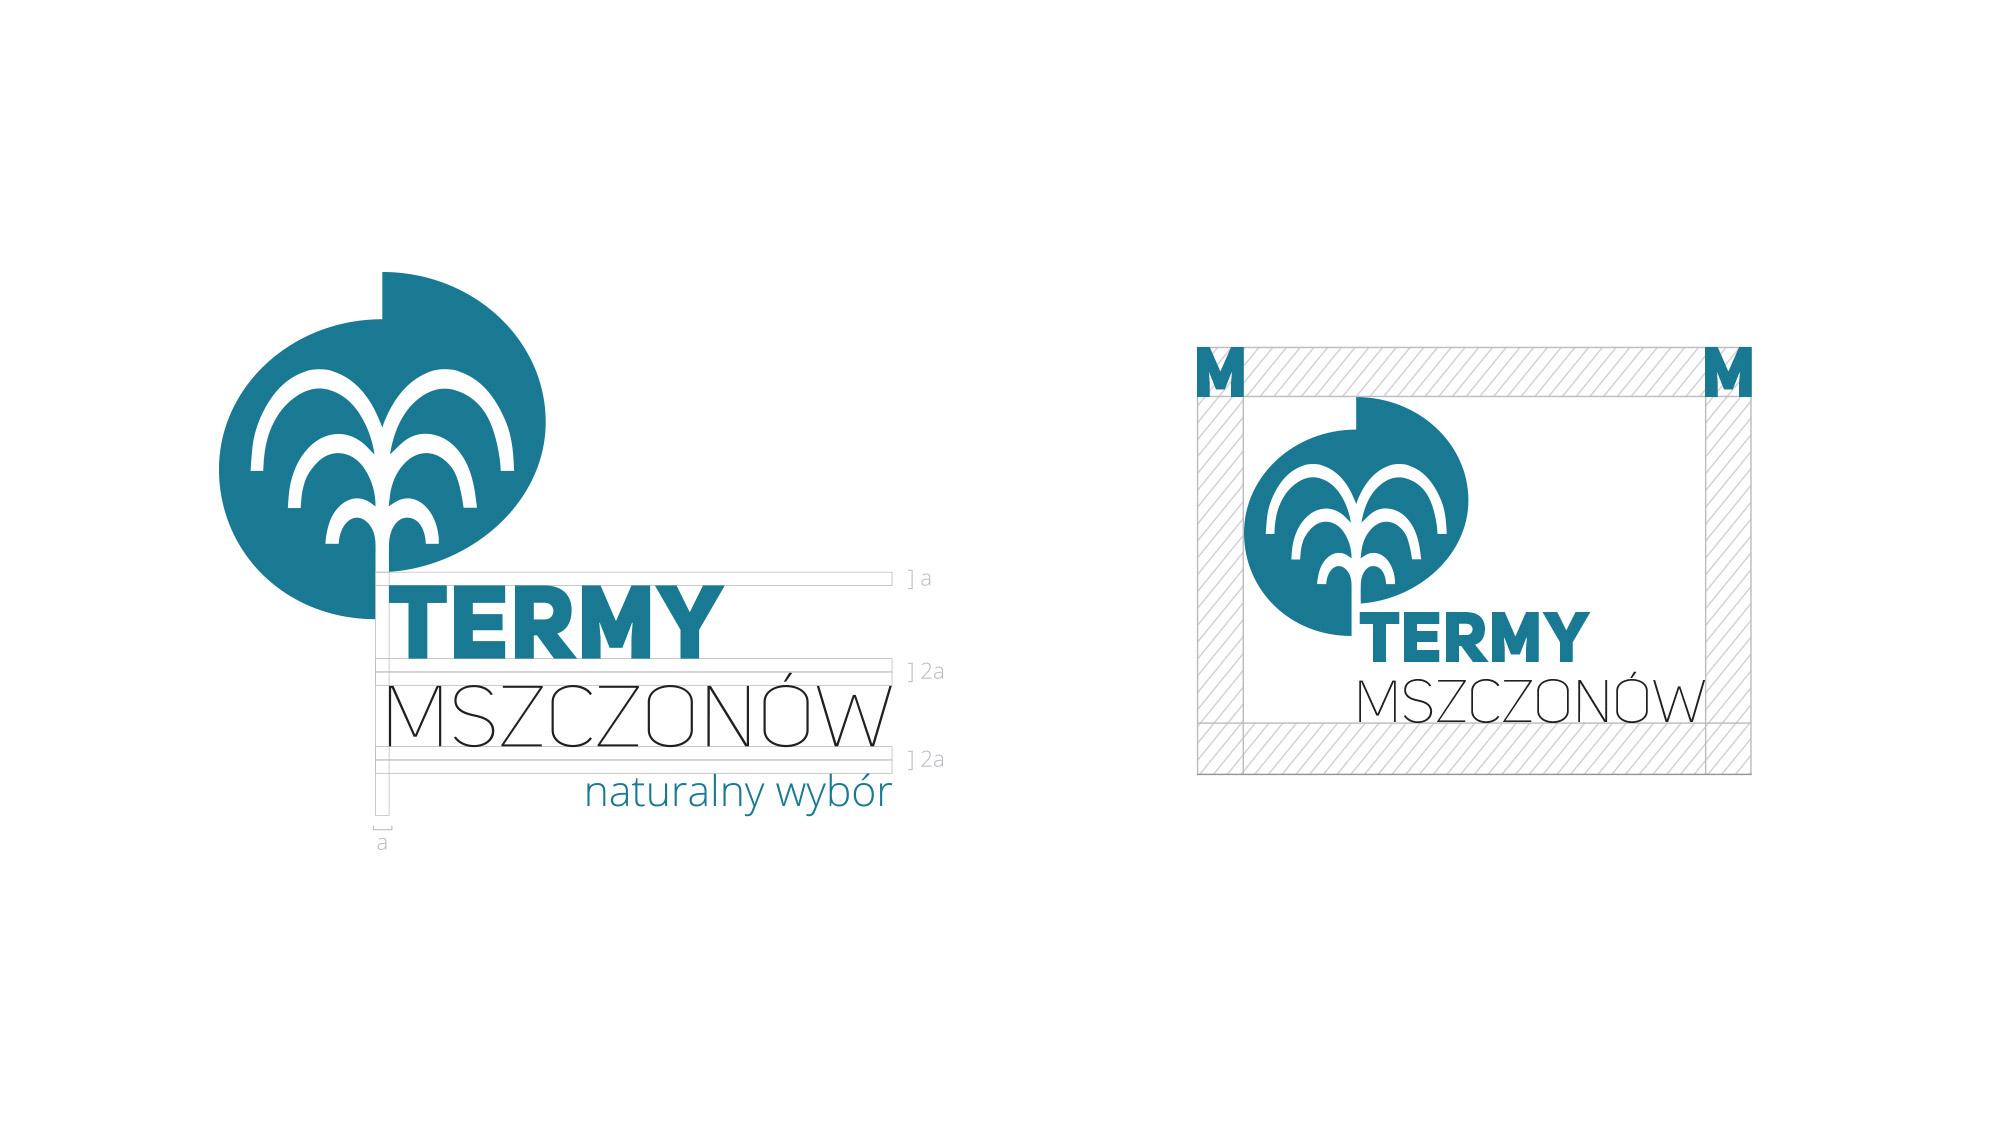 termy_mszczonów_2